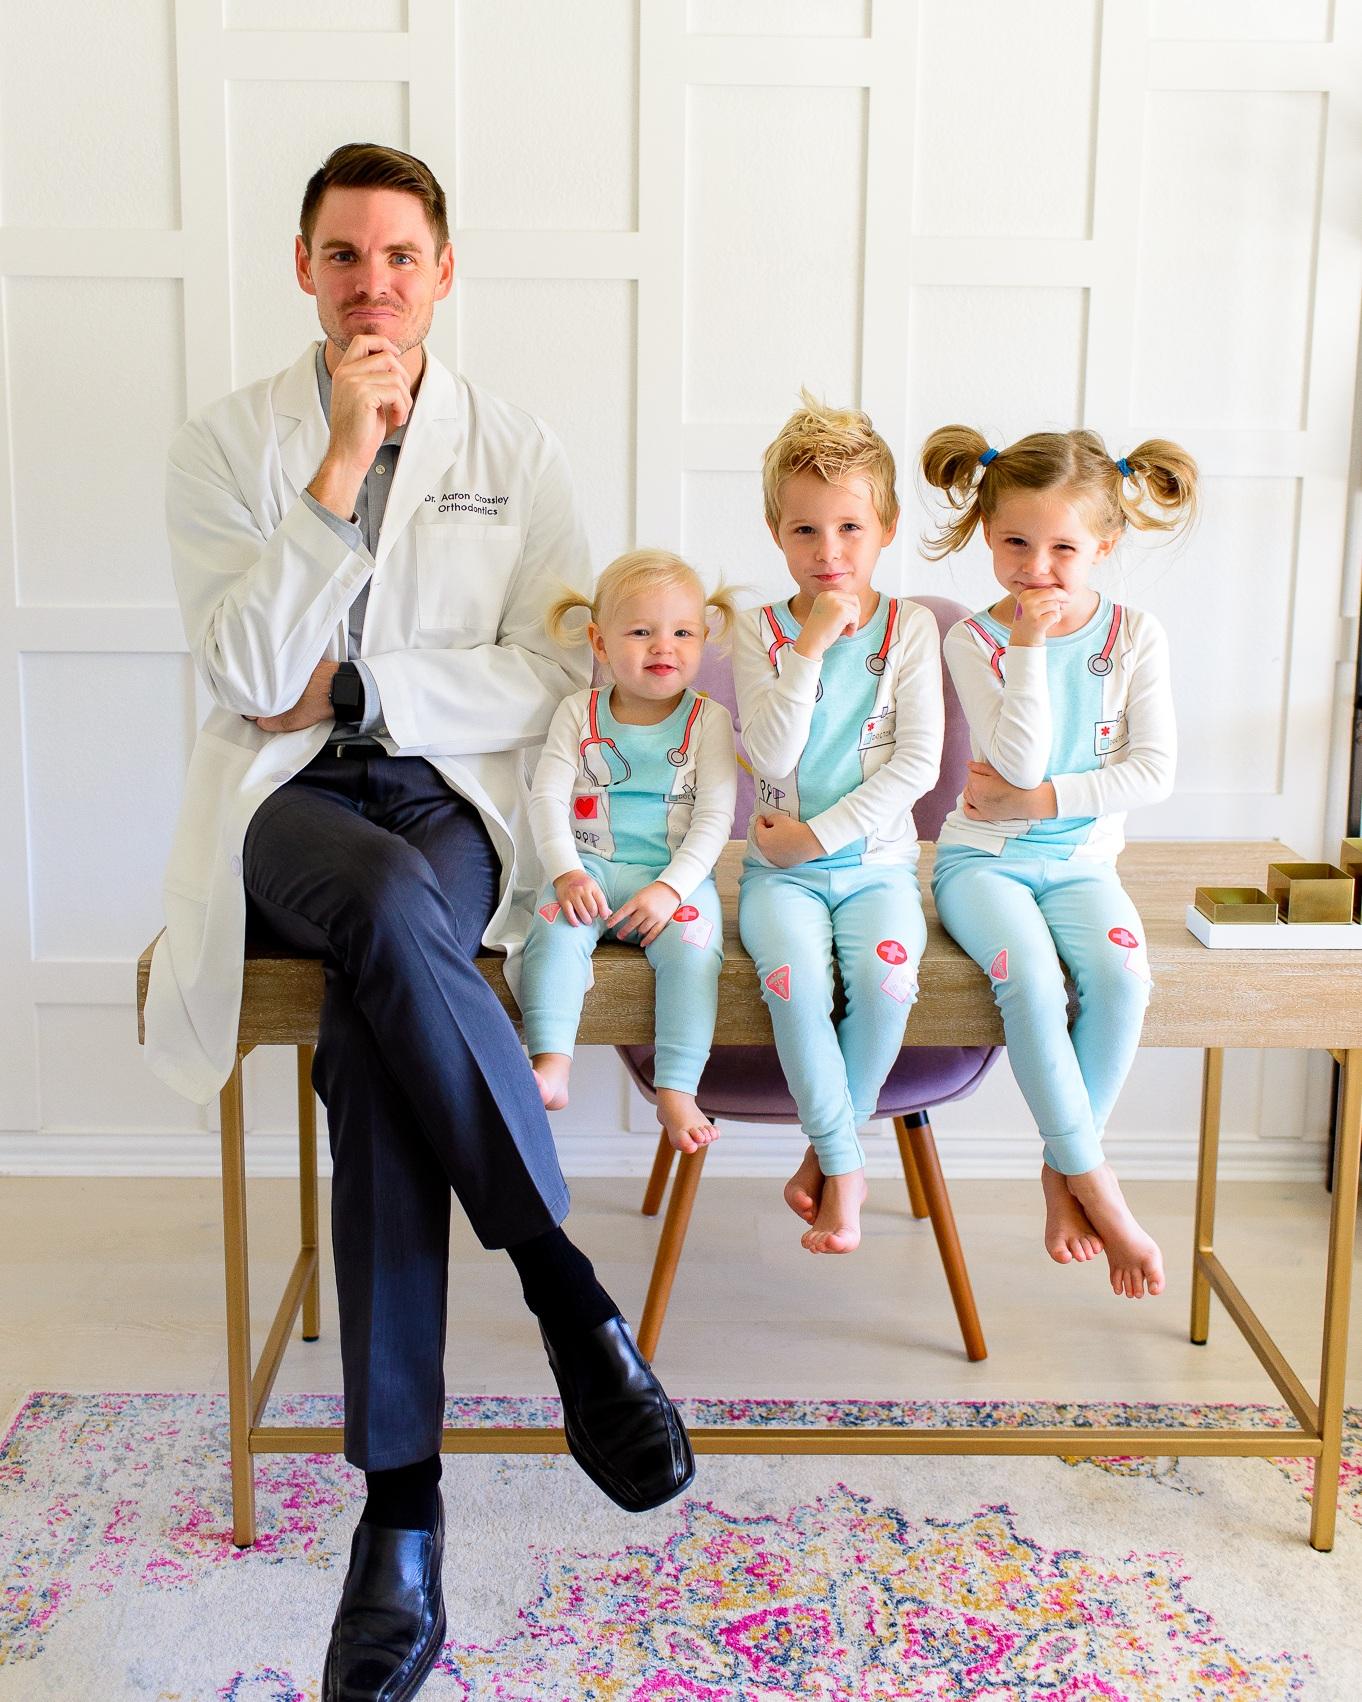 Daddy+doctor+%282+of+4%29.jpg